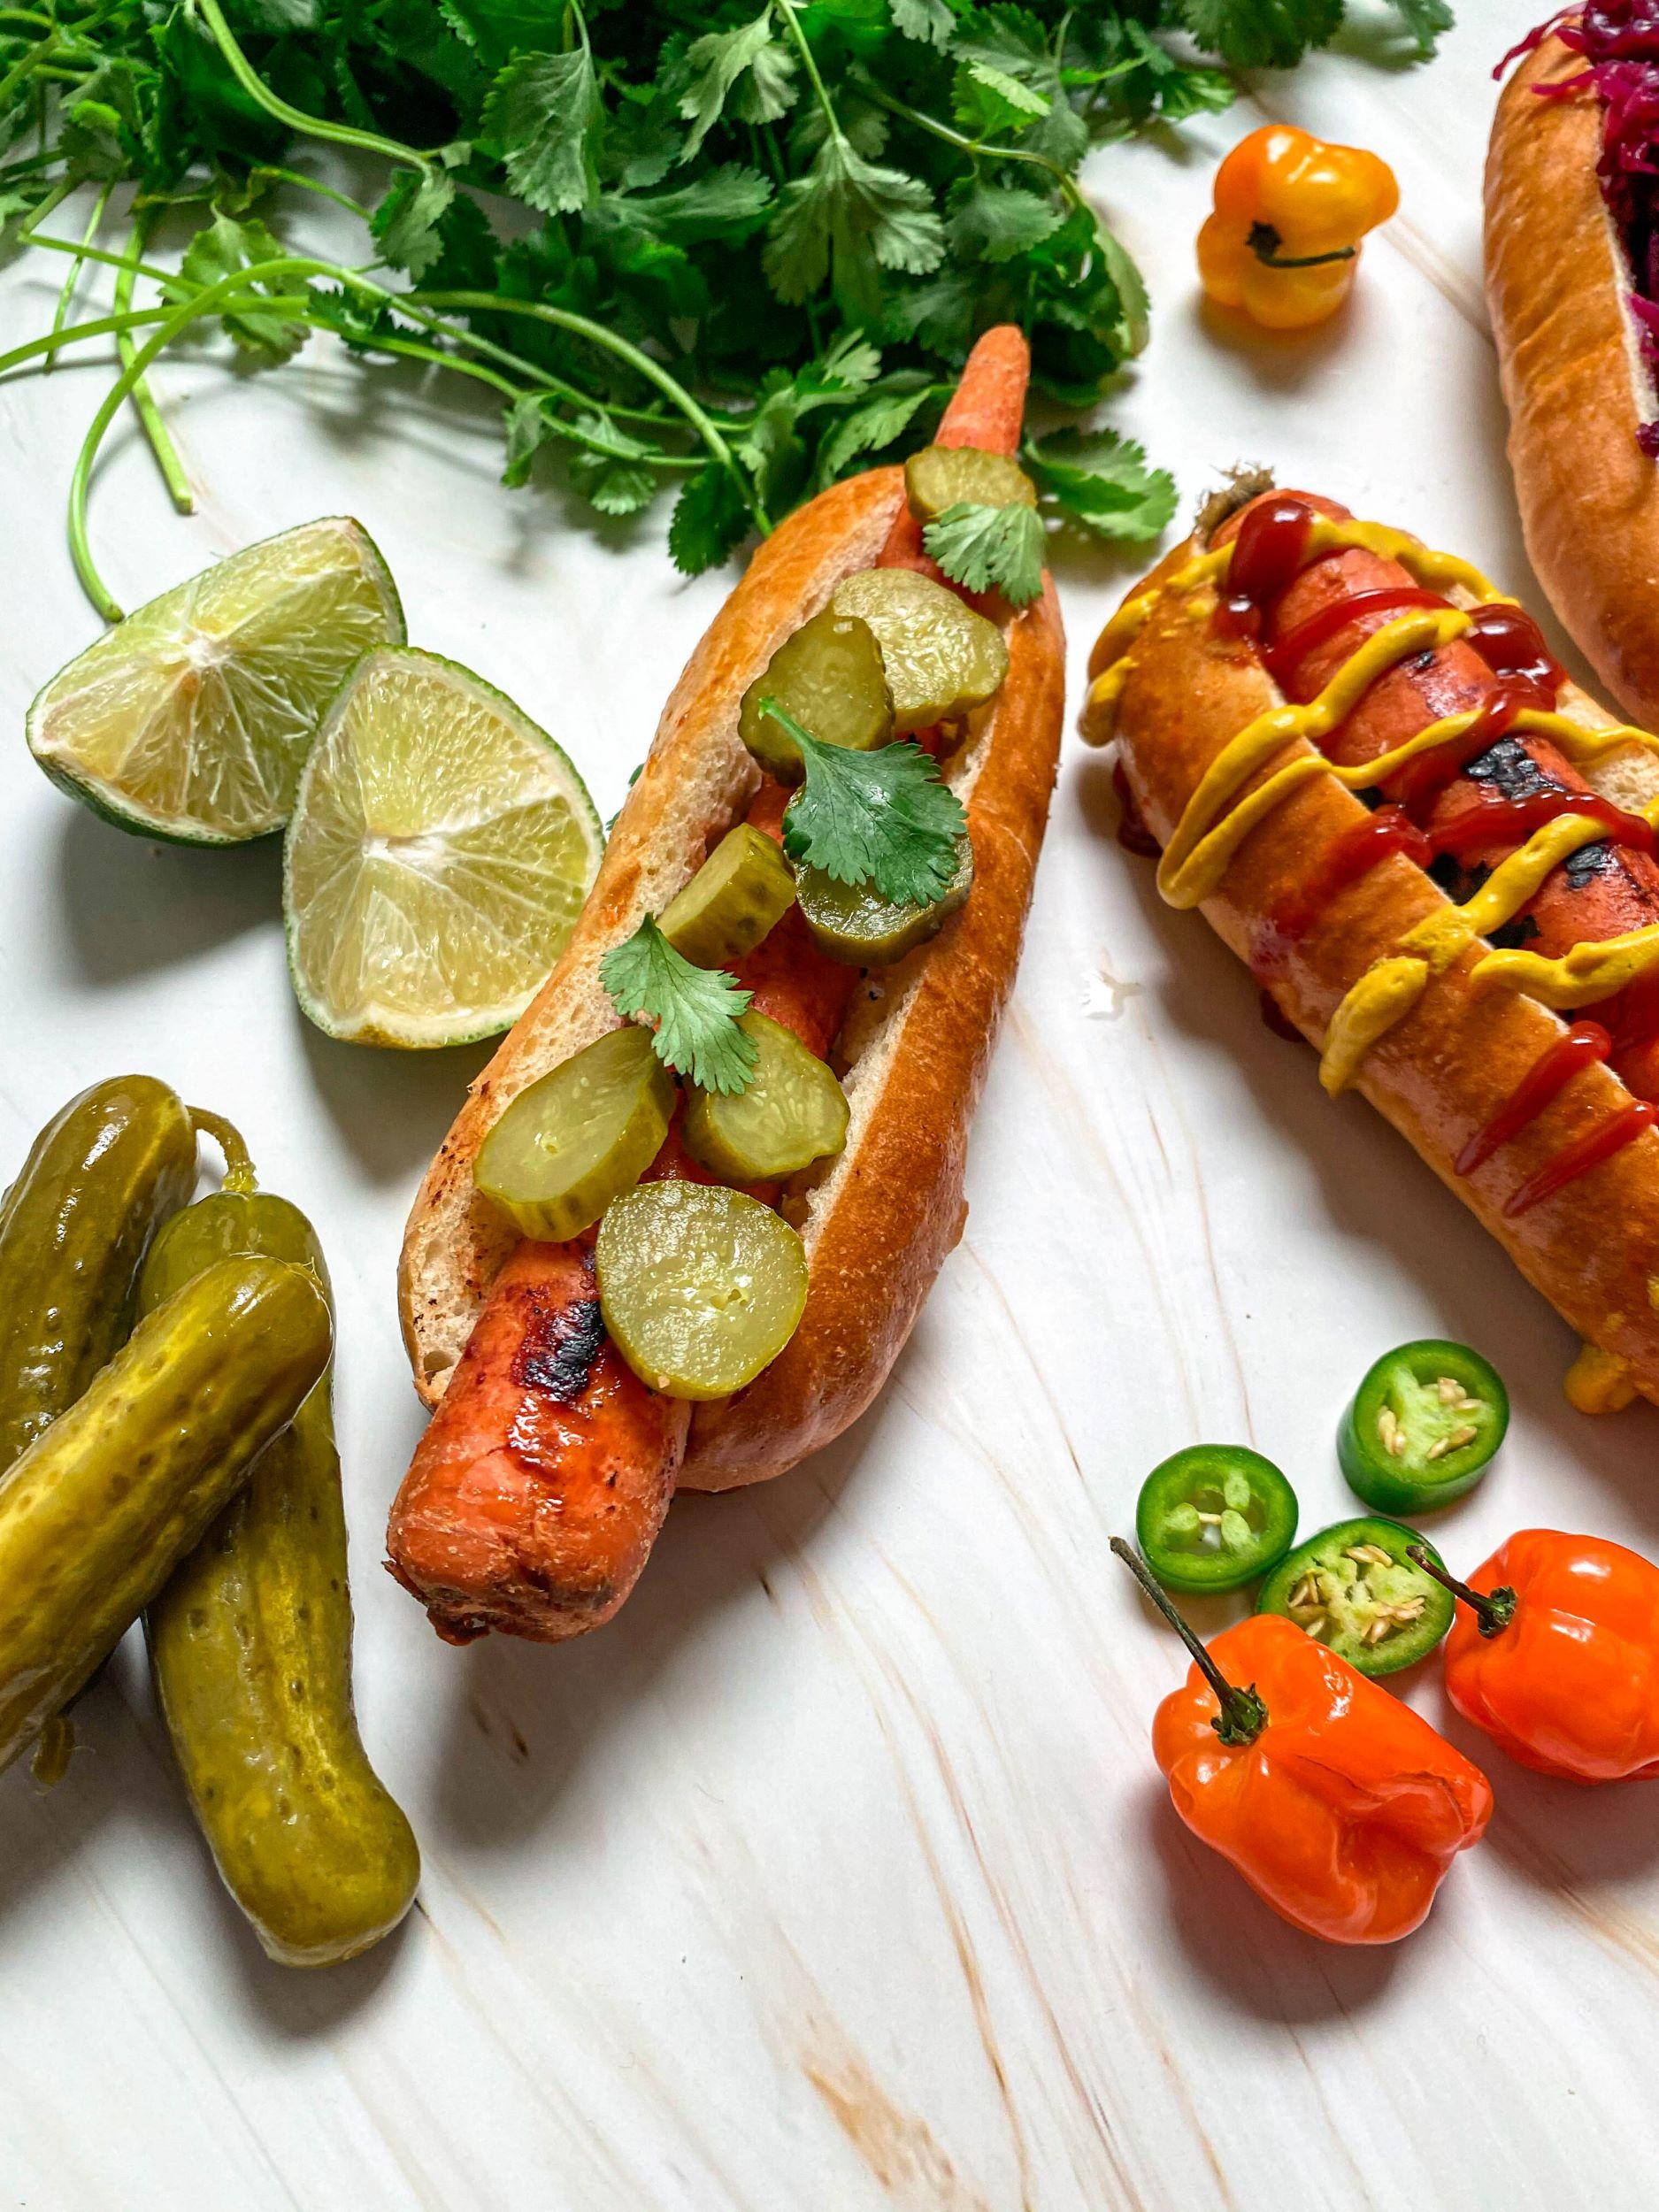 Easy Vegan Carrot Dogs